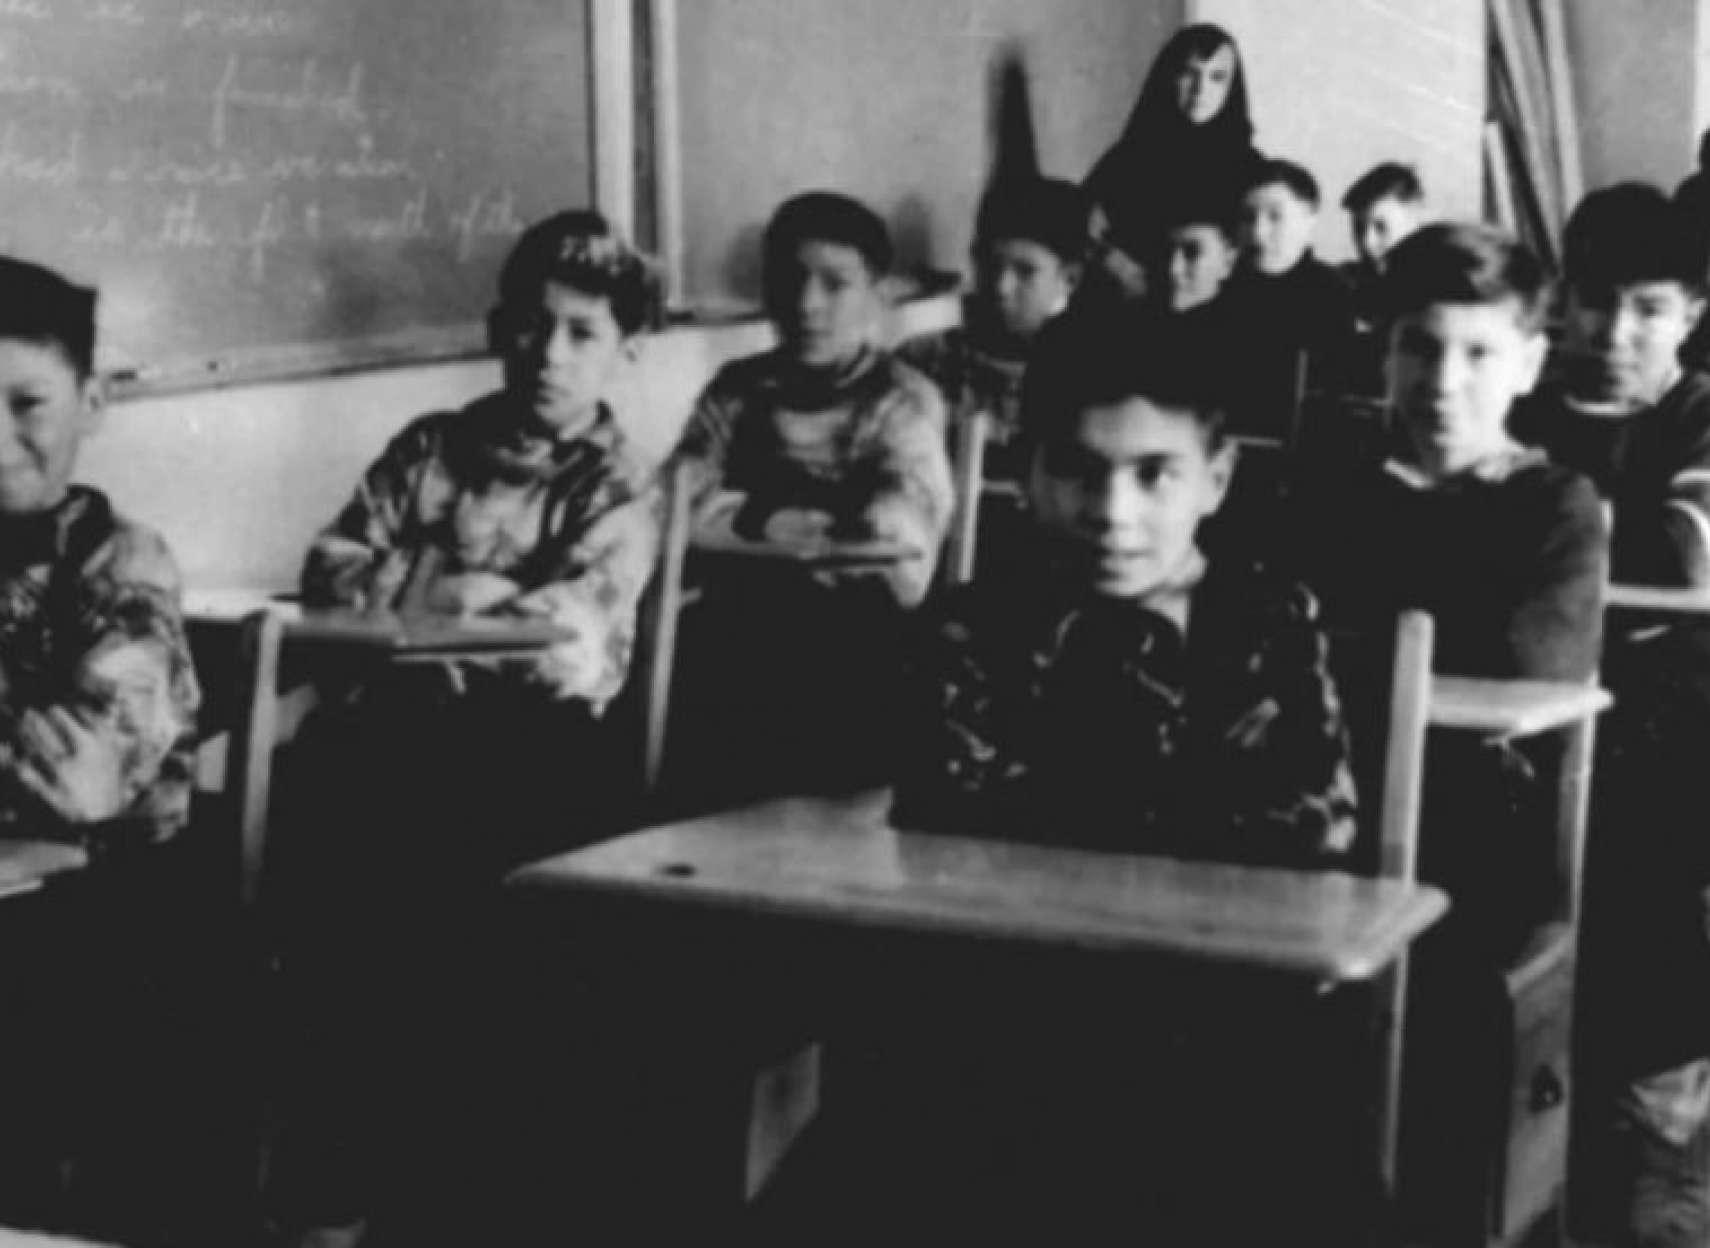 پرونده متعفن آزار کودکان بومی در مدرسه شبانه روزی سنت آن/سه بازمانده این مدرسه خواهان بازگشایی پرونده برای جبران خسارت هستند